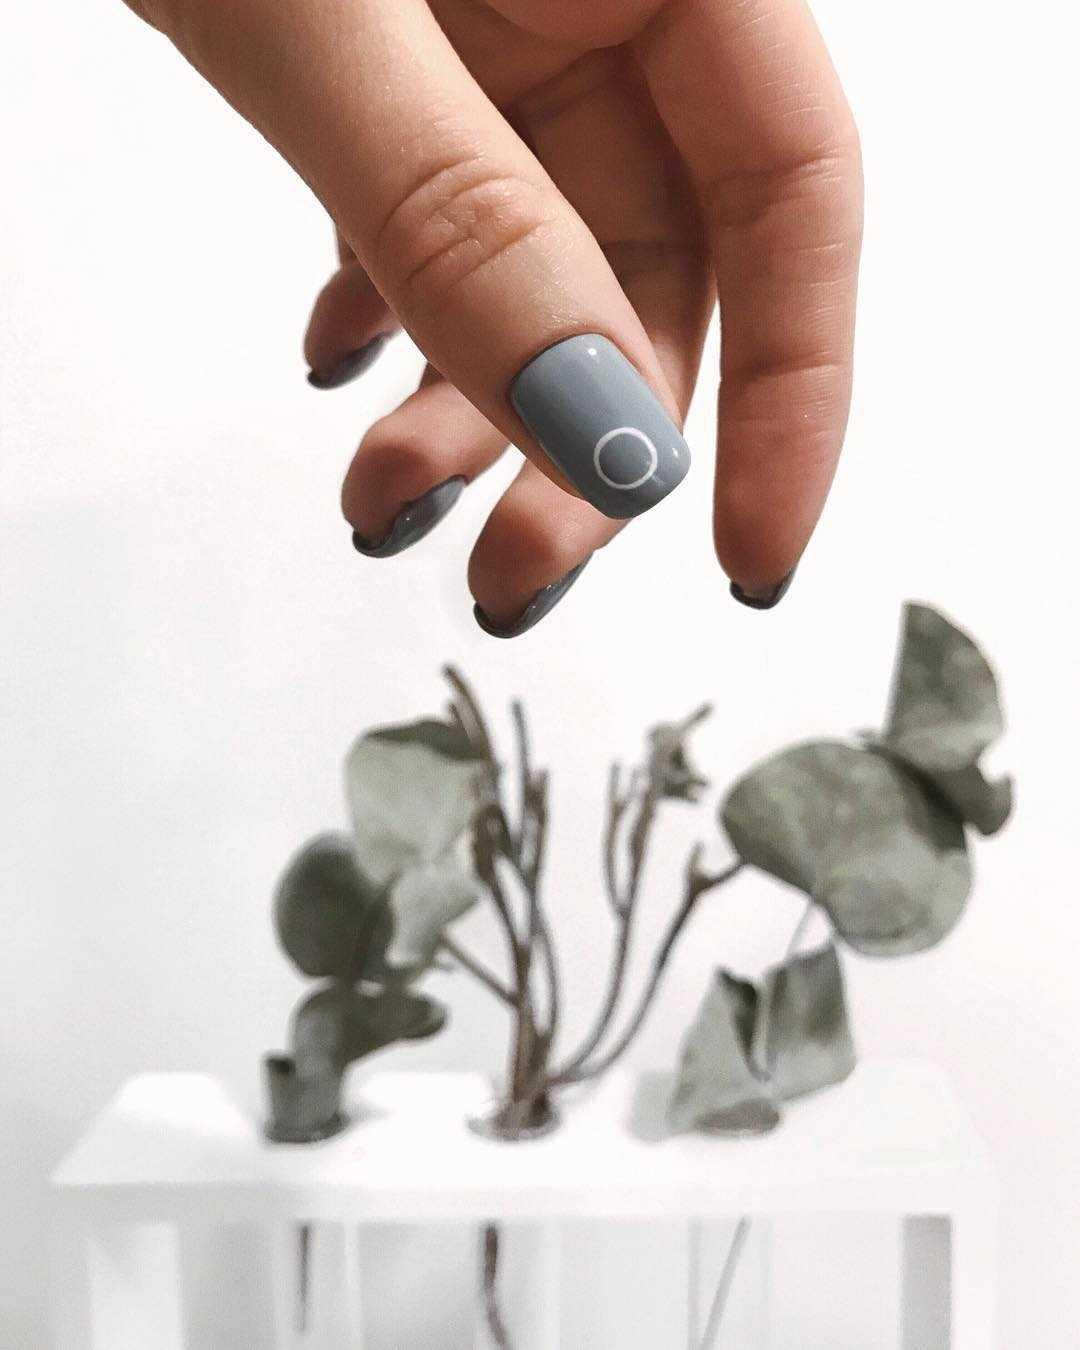 как качественно фотографировать ногти